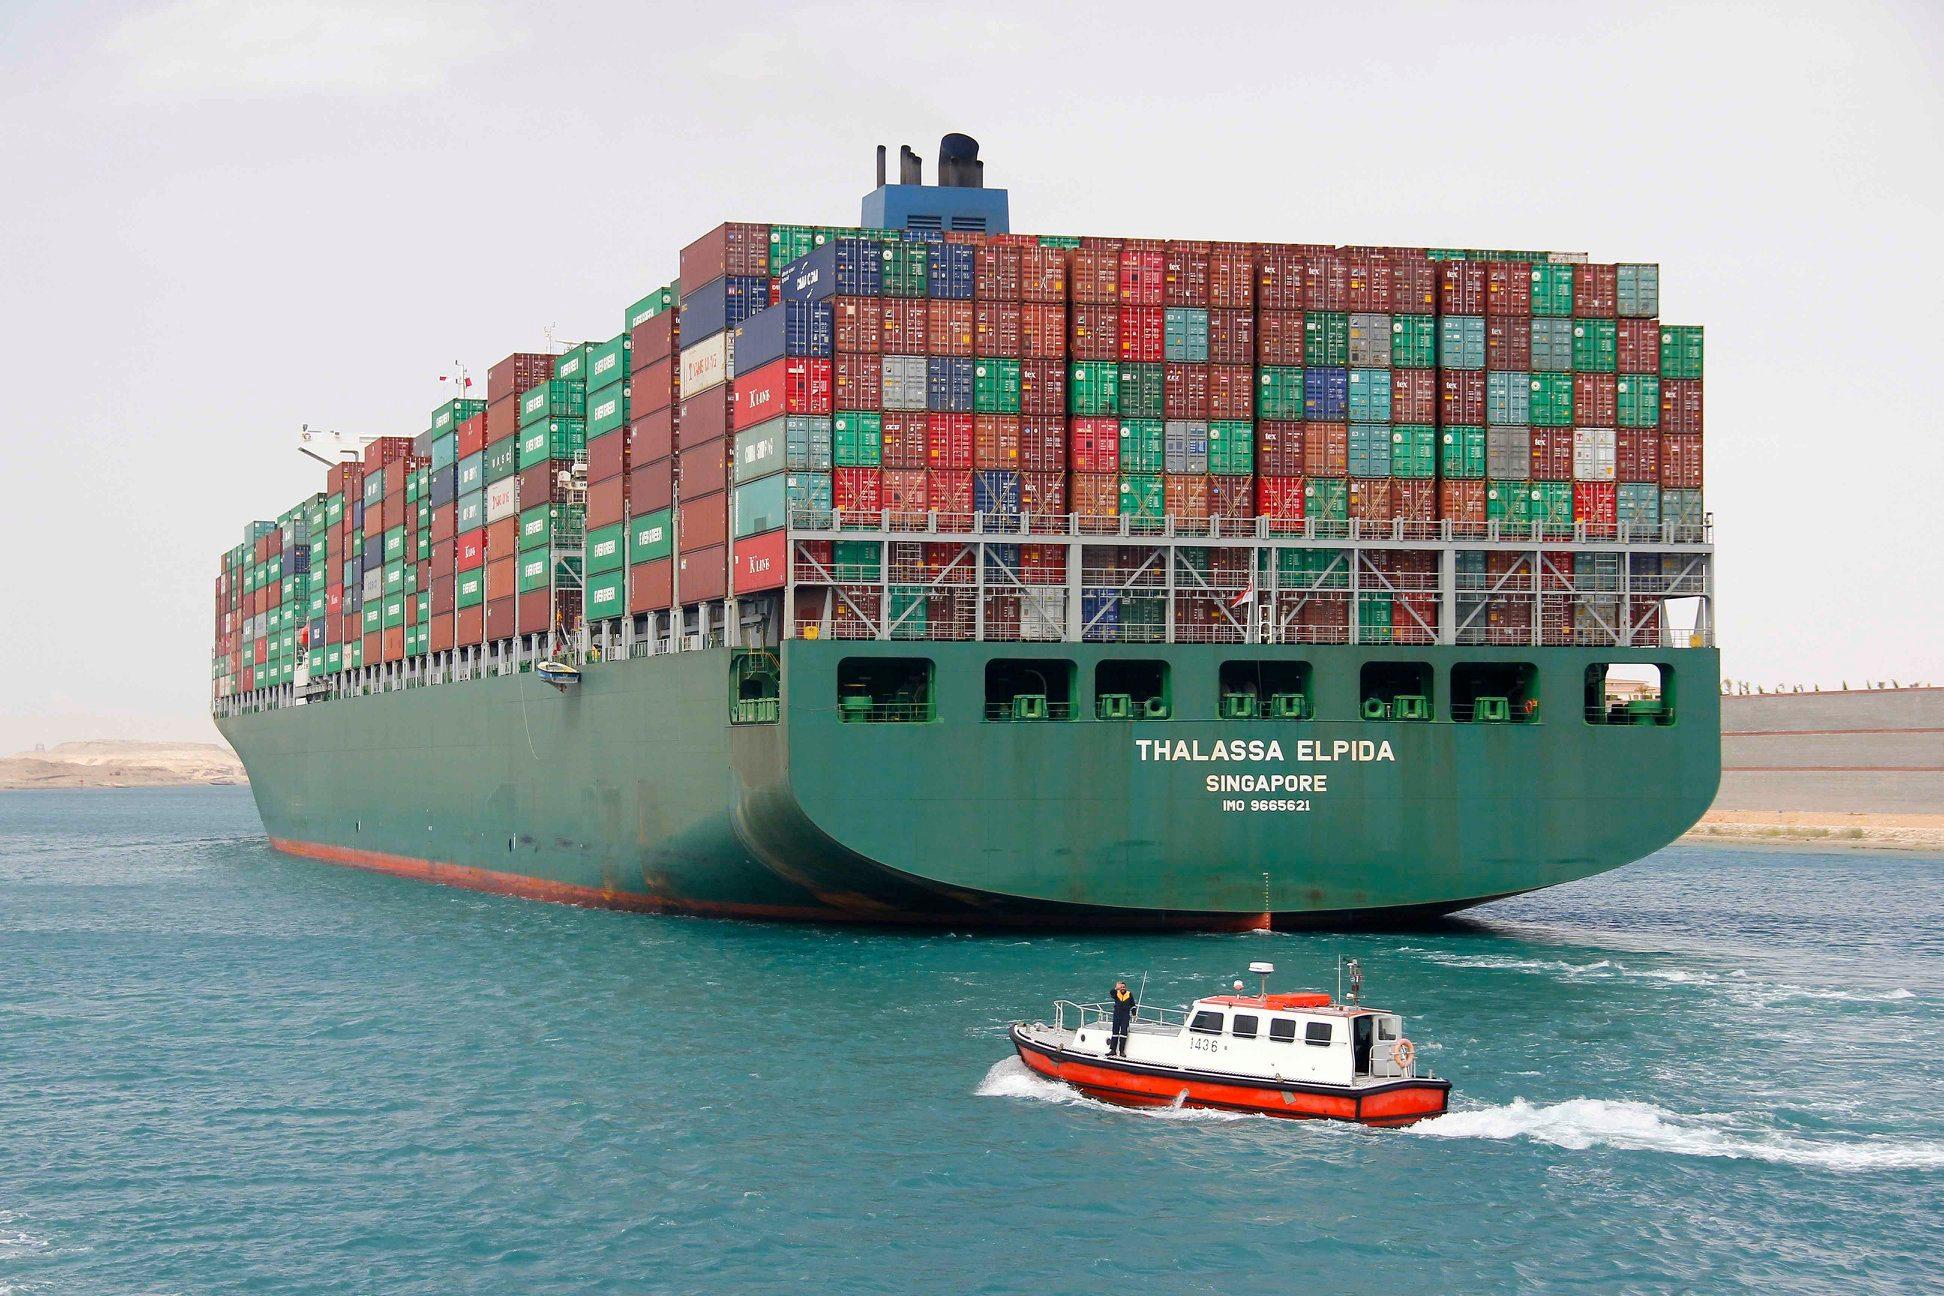 46 سفينة تعبر قناة السويس بحمولات بلغت 3 ملايين و200 ألف طن